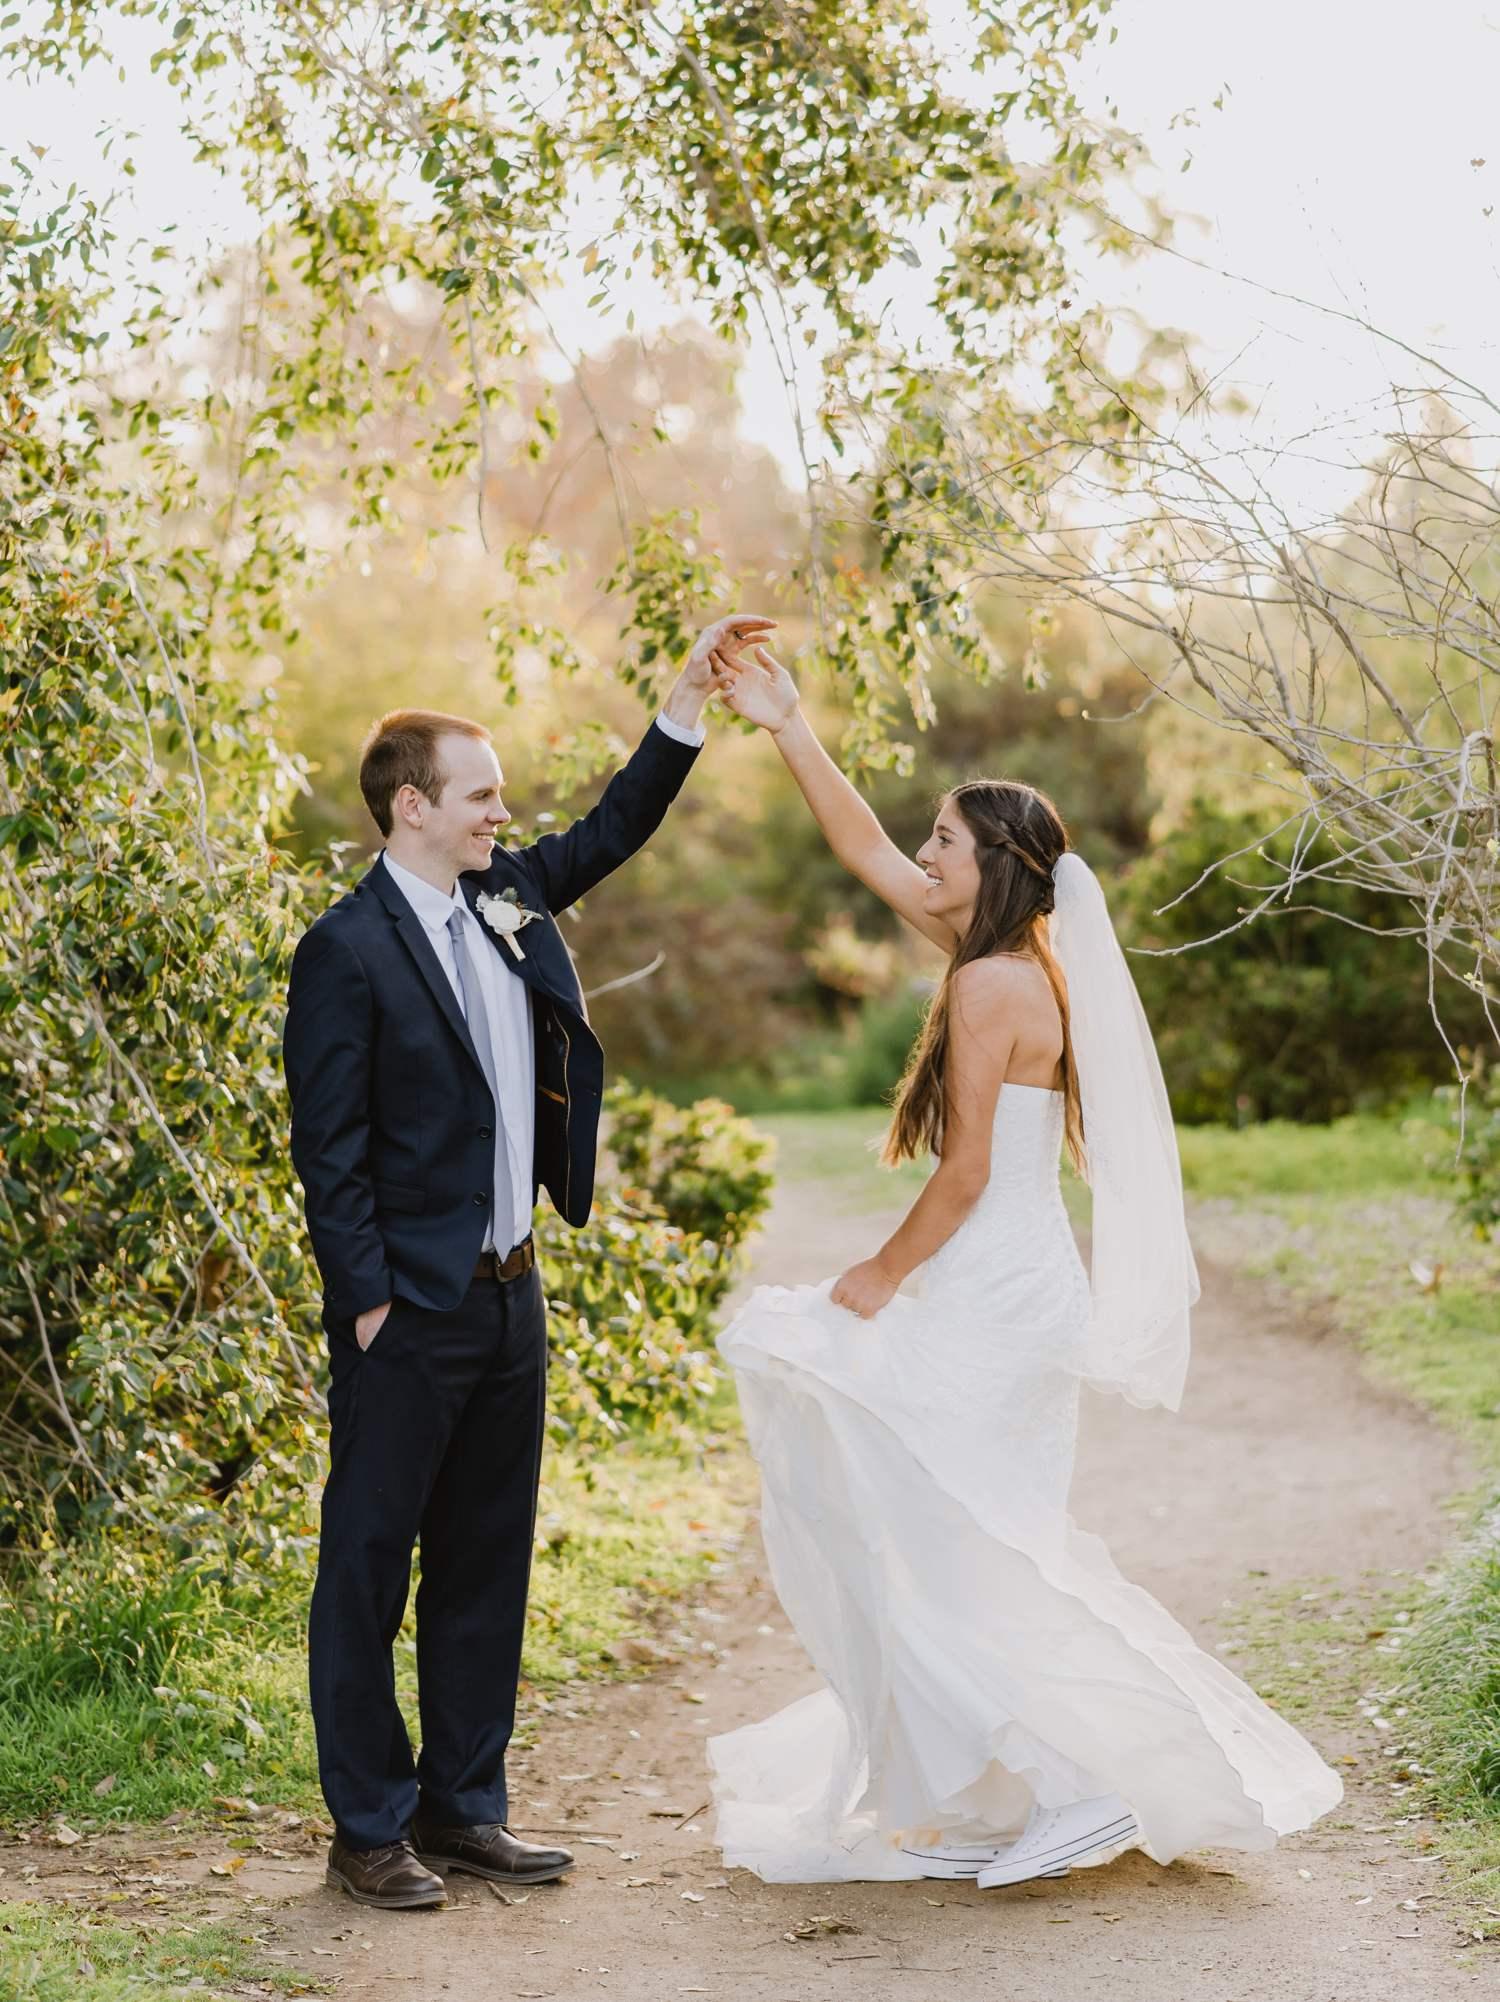 fullerton-arboretum-wedding_0010